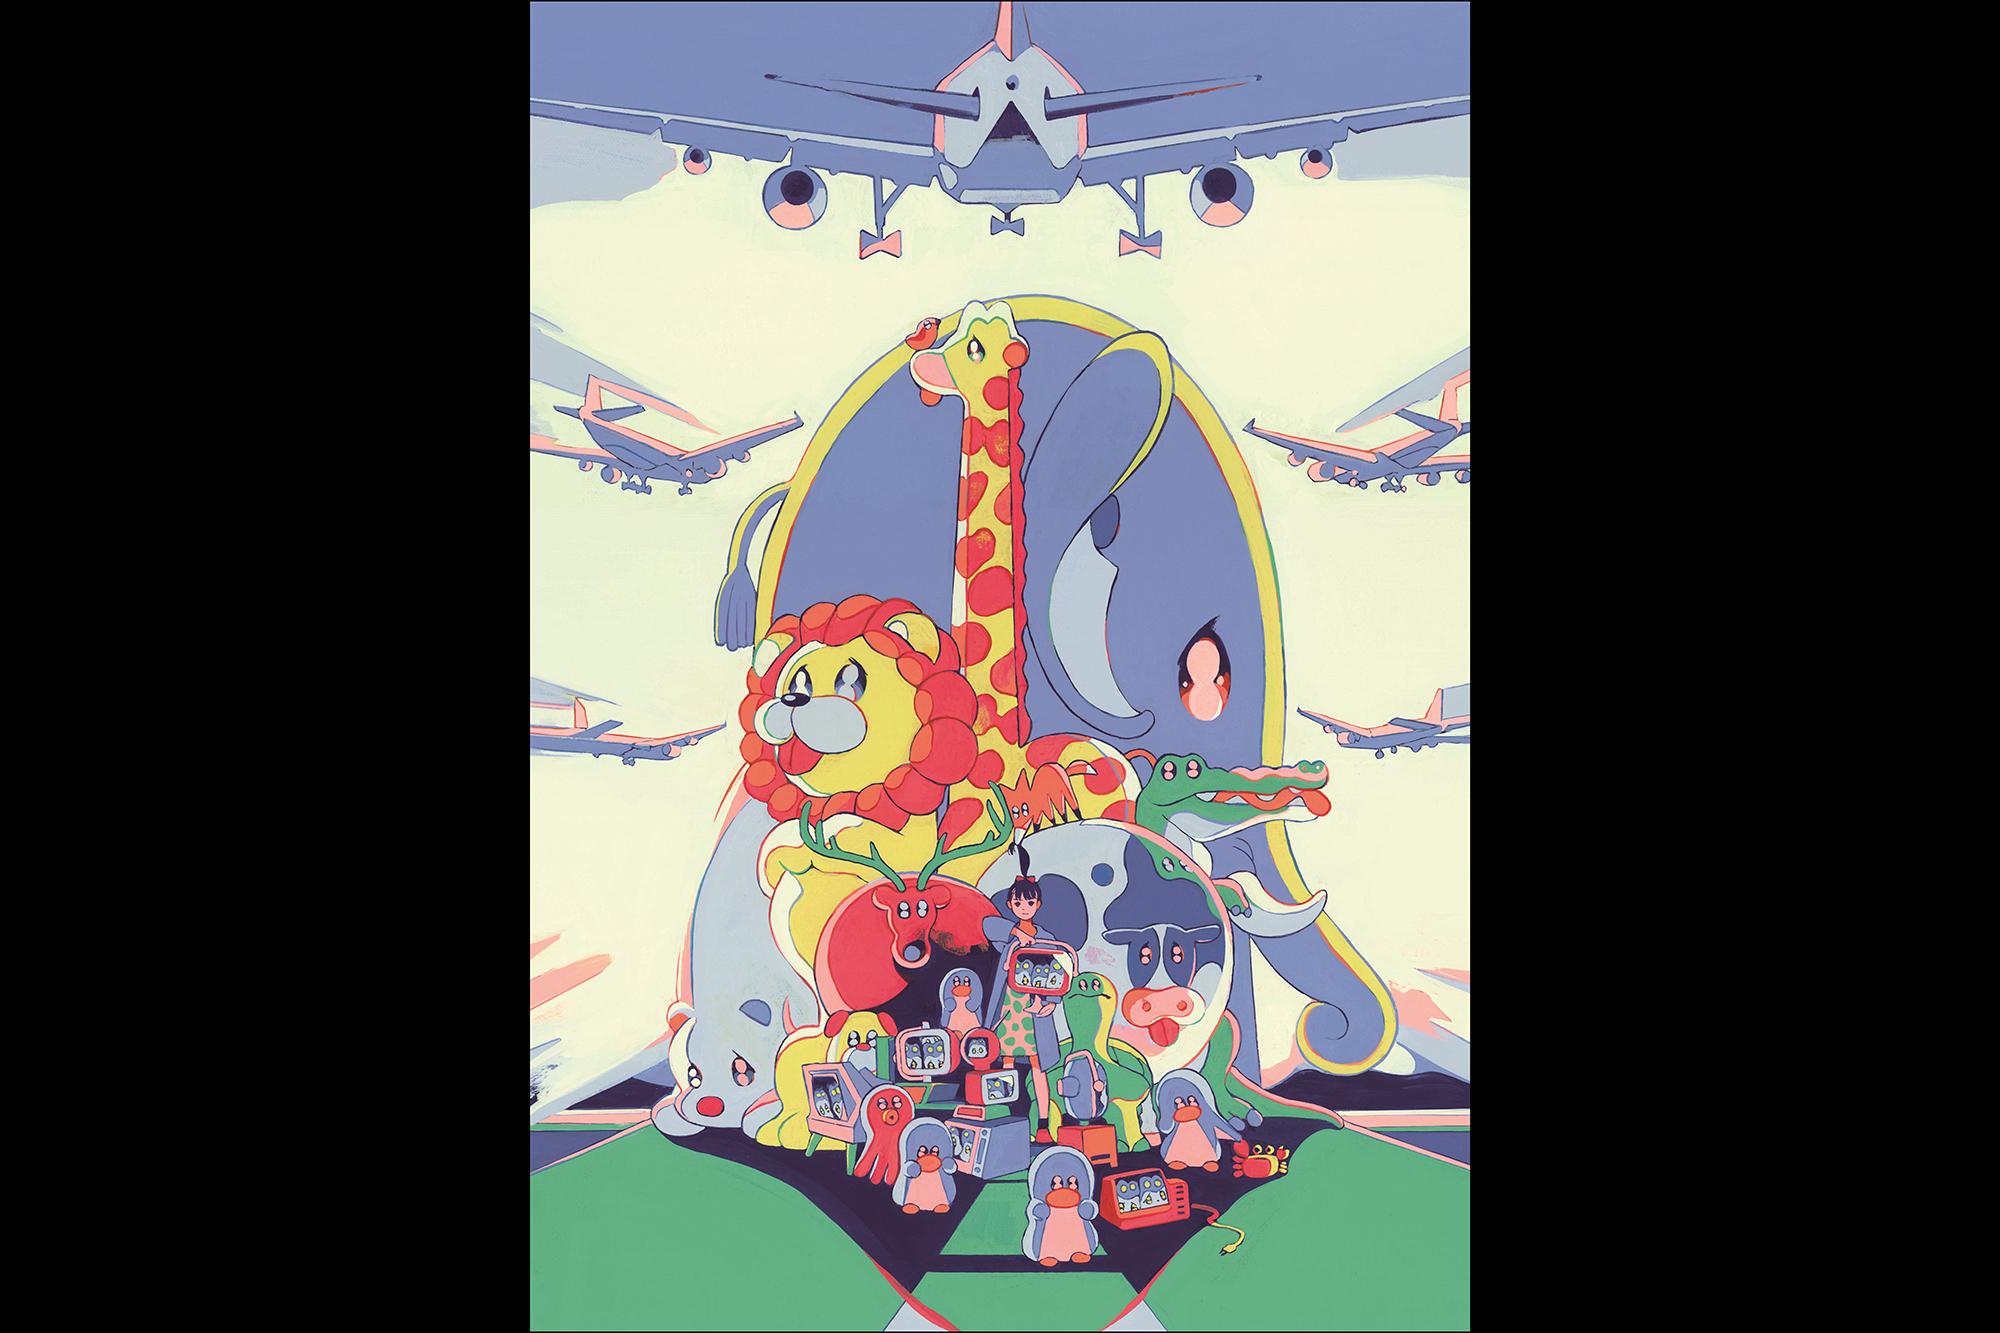 「秒速5センチメートル」の世界初となる爆音上映も! 北海道の新千歳空港で開催される国際アニメ映画祭に注目